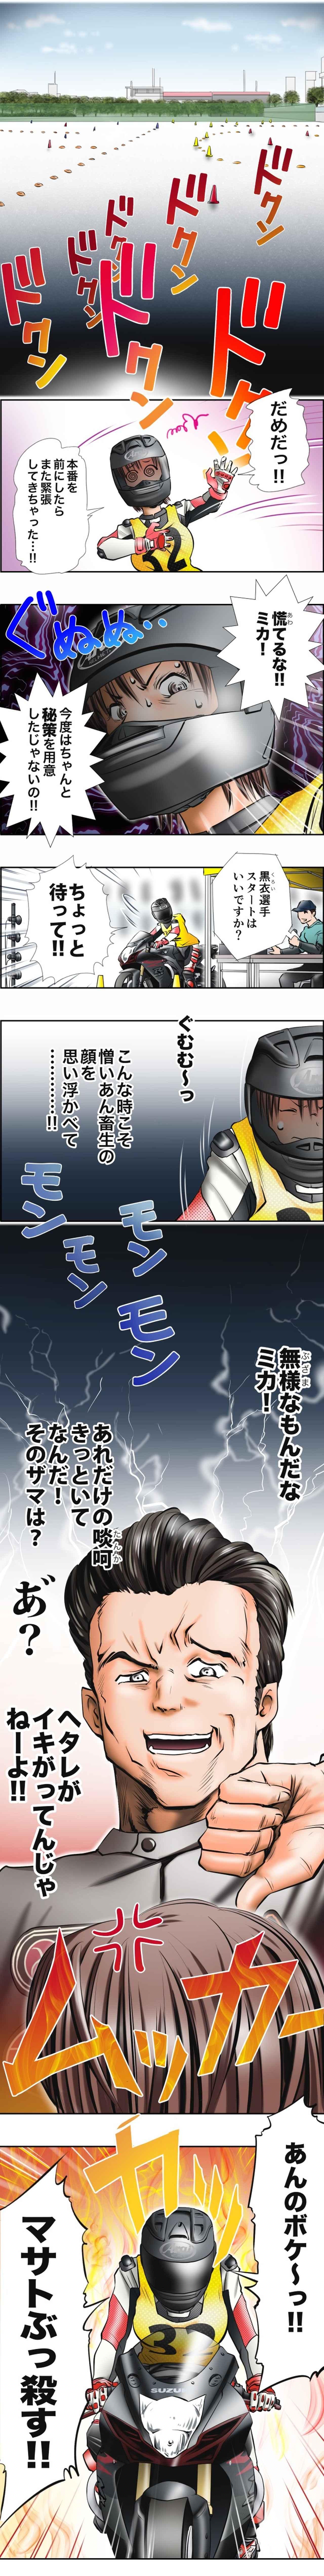 画像6: 「5」の付く日は「Motoジム!の日」!